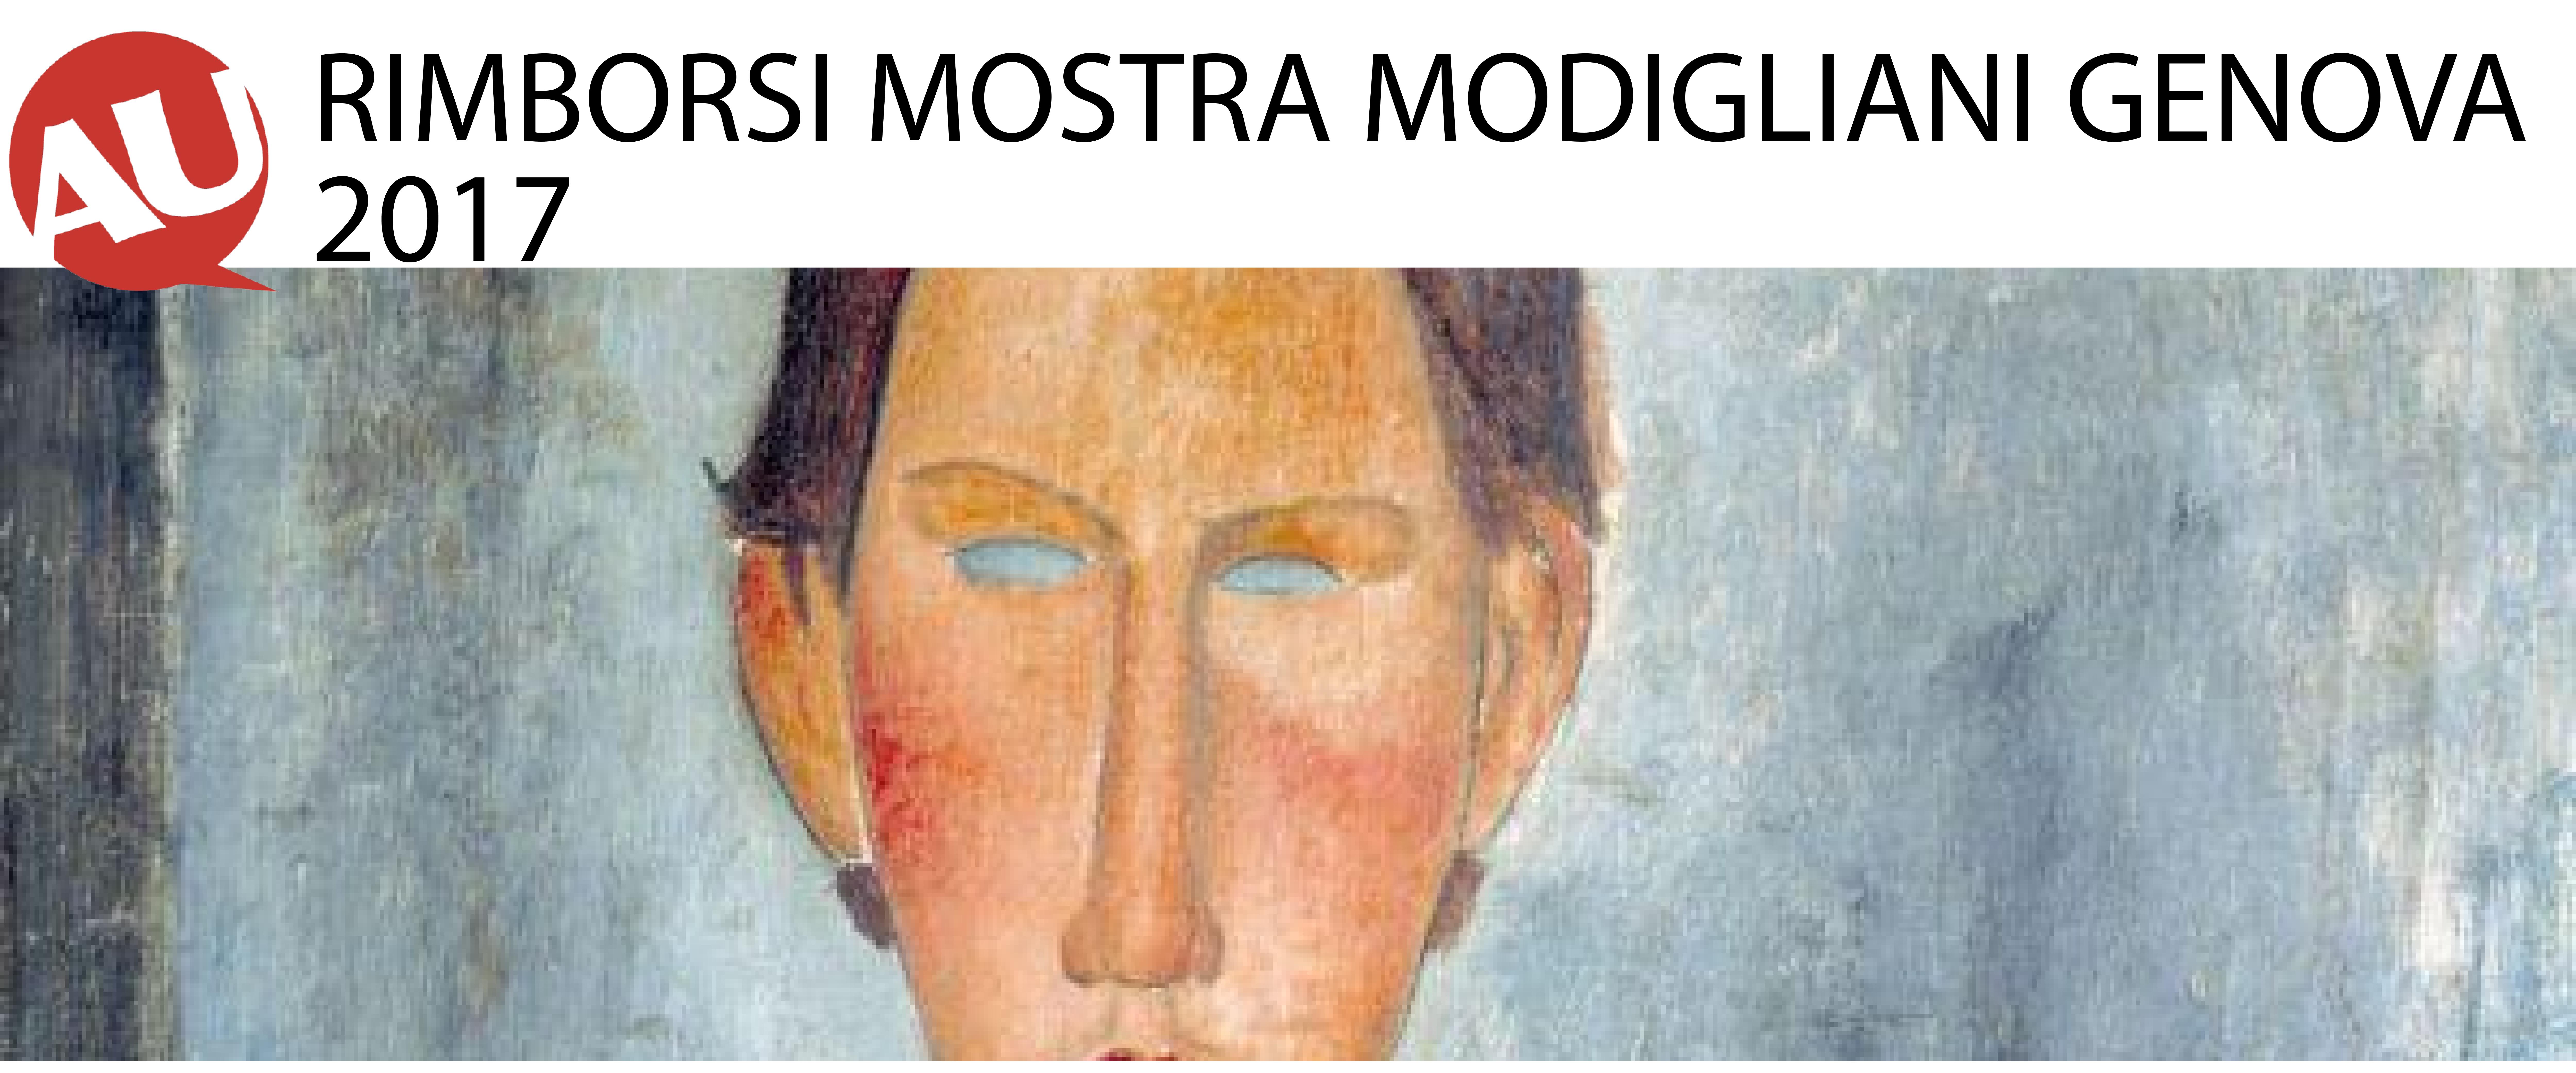 Rimborsi mostra Modigliani